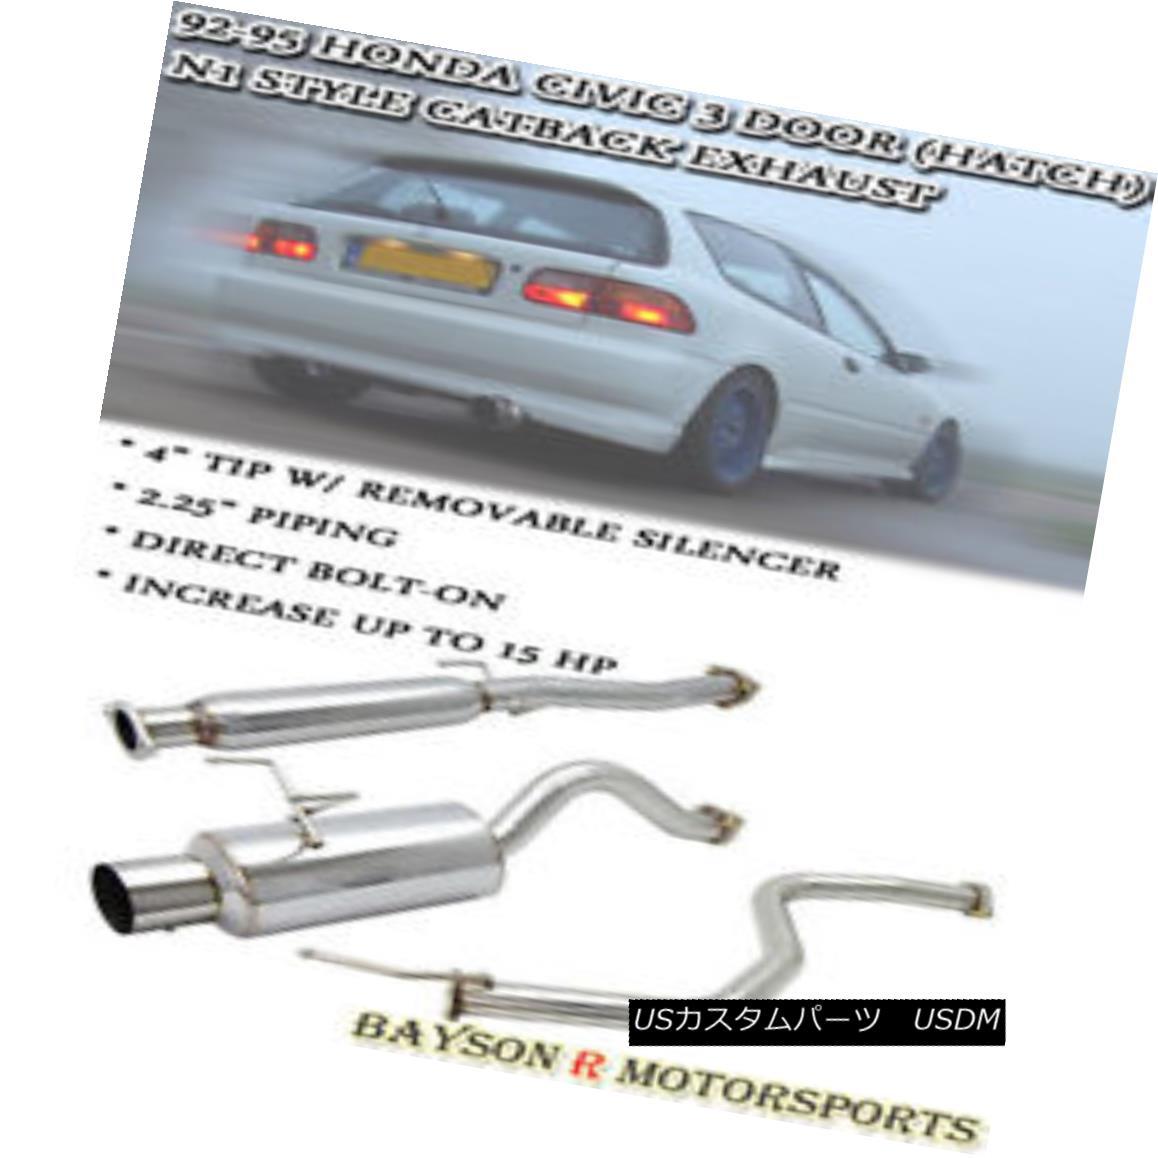 エアロパーツ Catback Exhaust + Silencer Fits 92-95 Civic 3dr Hatch Si キャットバック排気+サイレンサーは92-95シビック3drハッチシートに適合